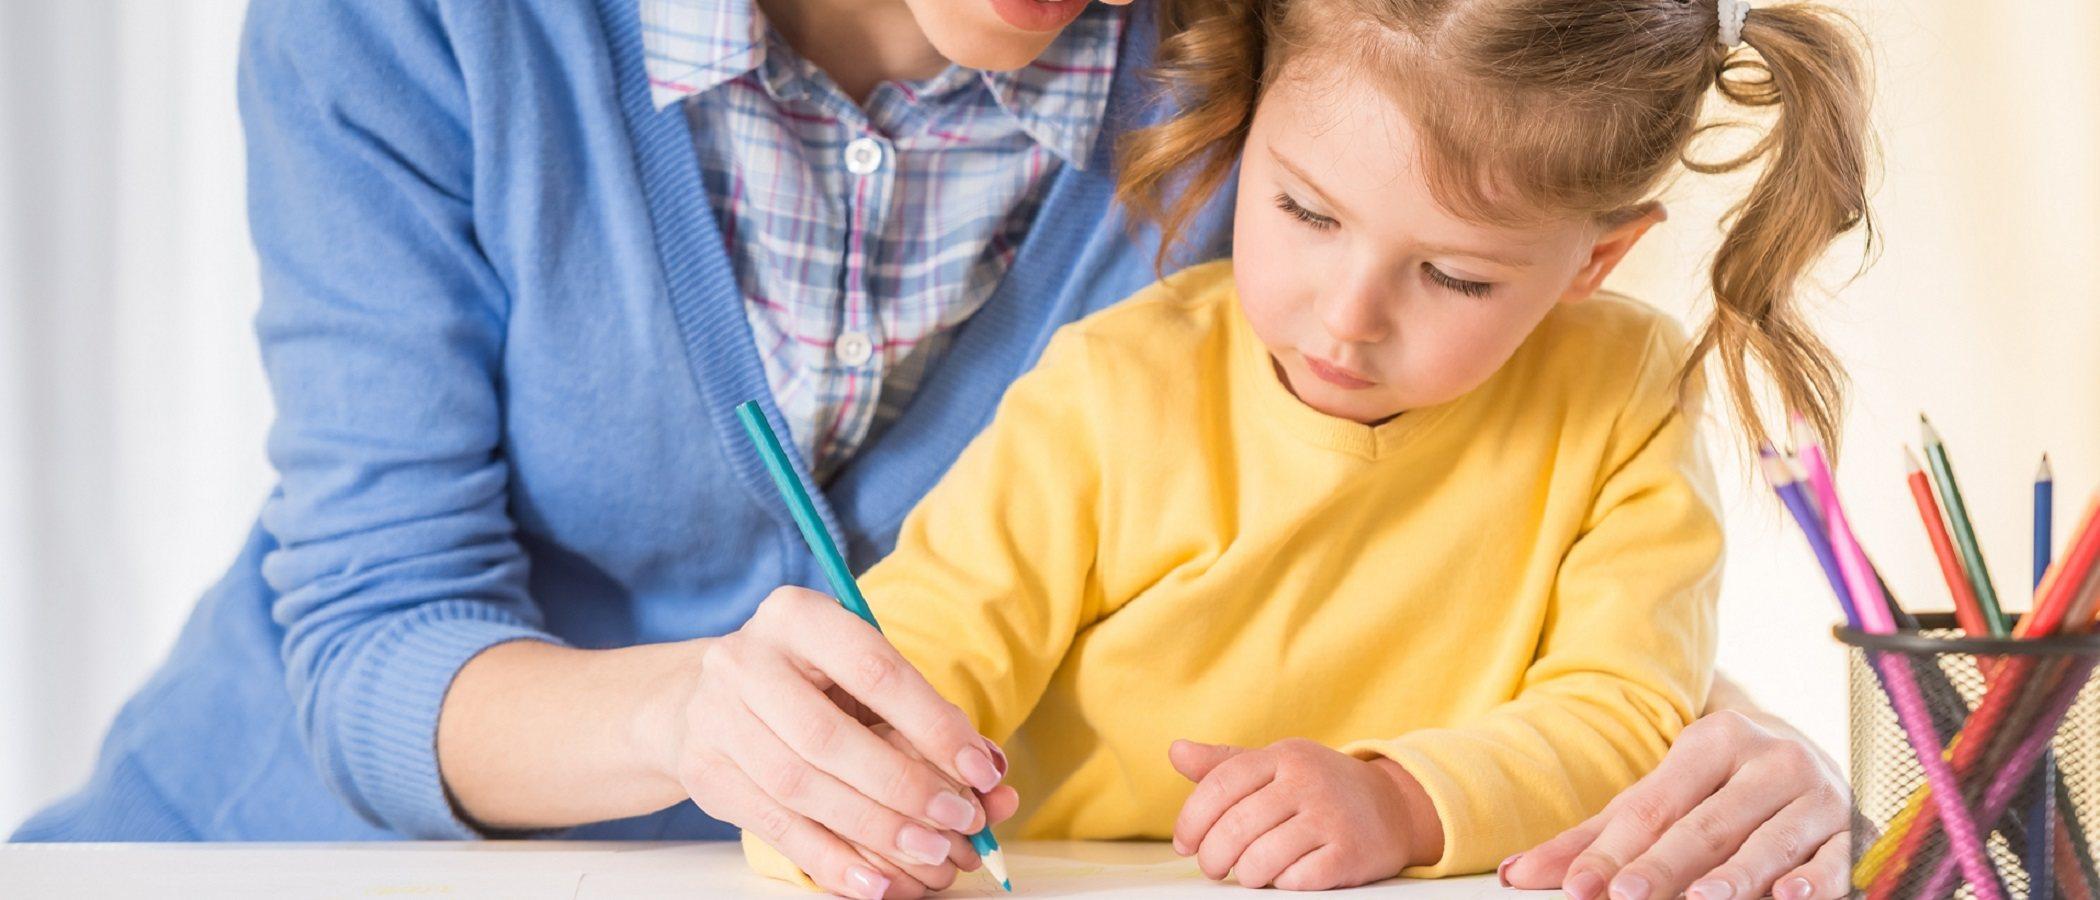 Cómo fomentar el desarrollo cerebral de los niños entre 18 meses y 6 años